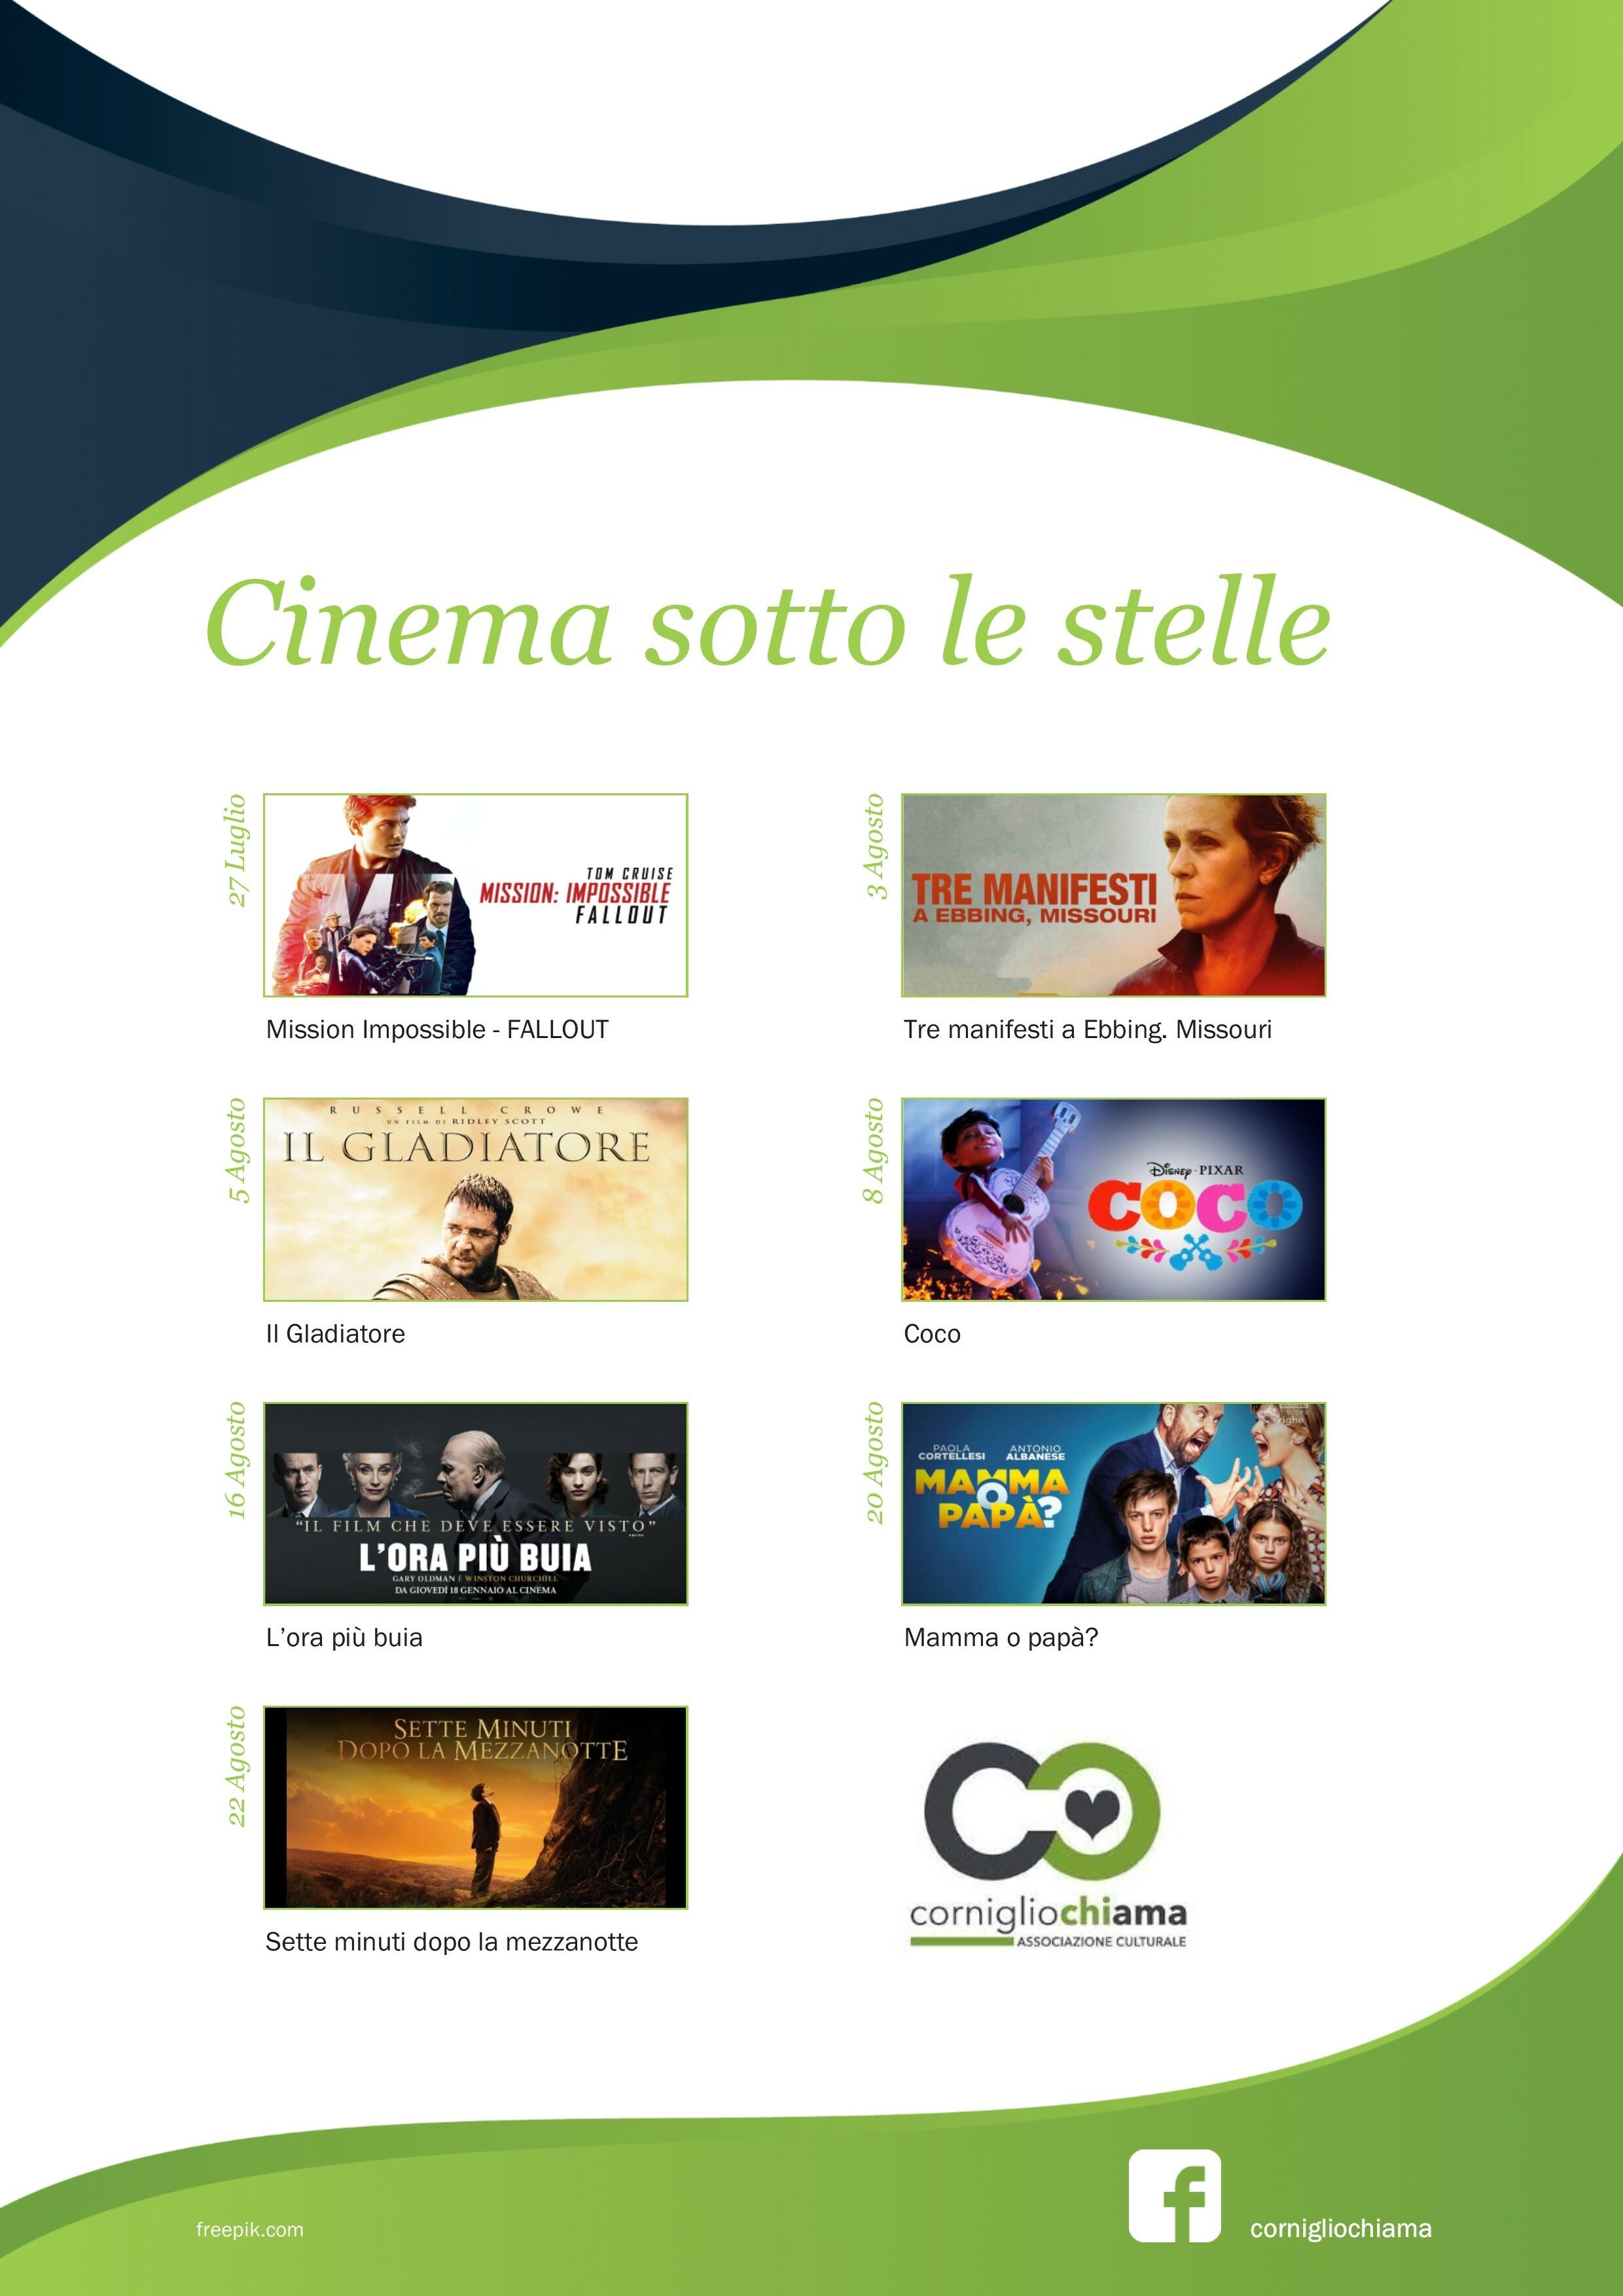 Cinema sotto le stelle a Corniglio